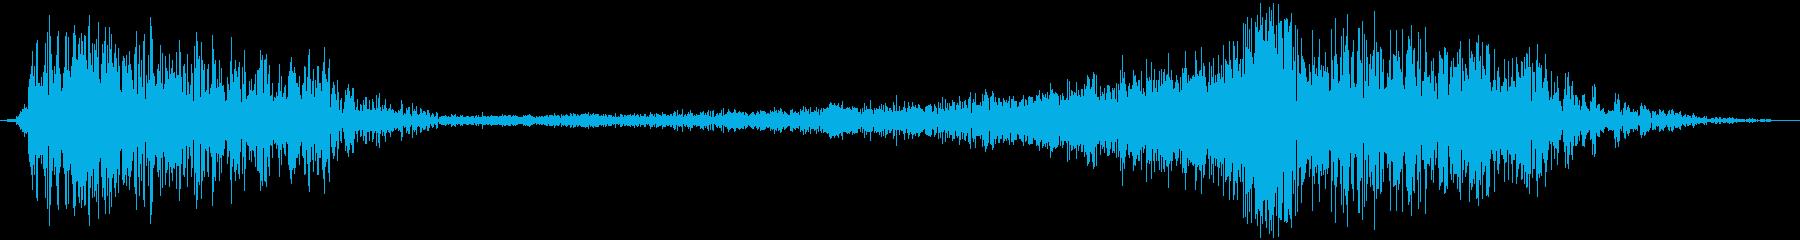 ヘビーメタルローリングフーシの再生済みの波形